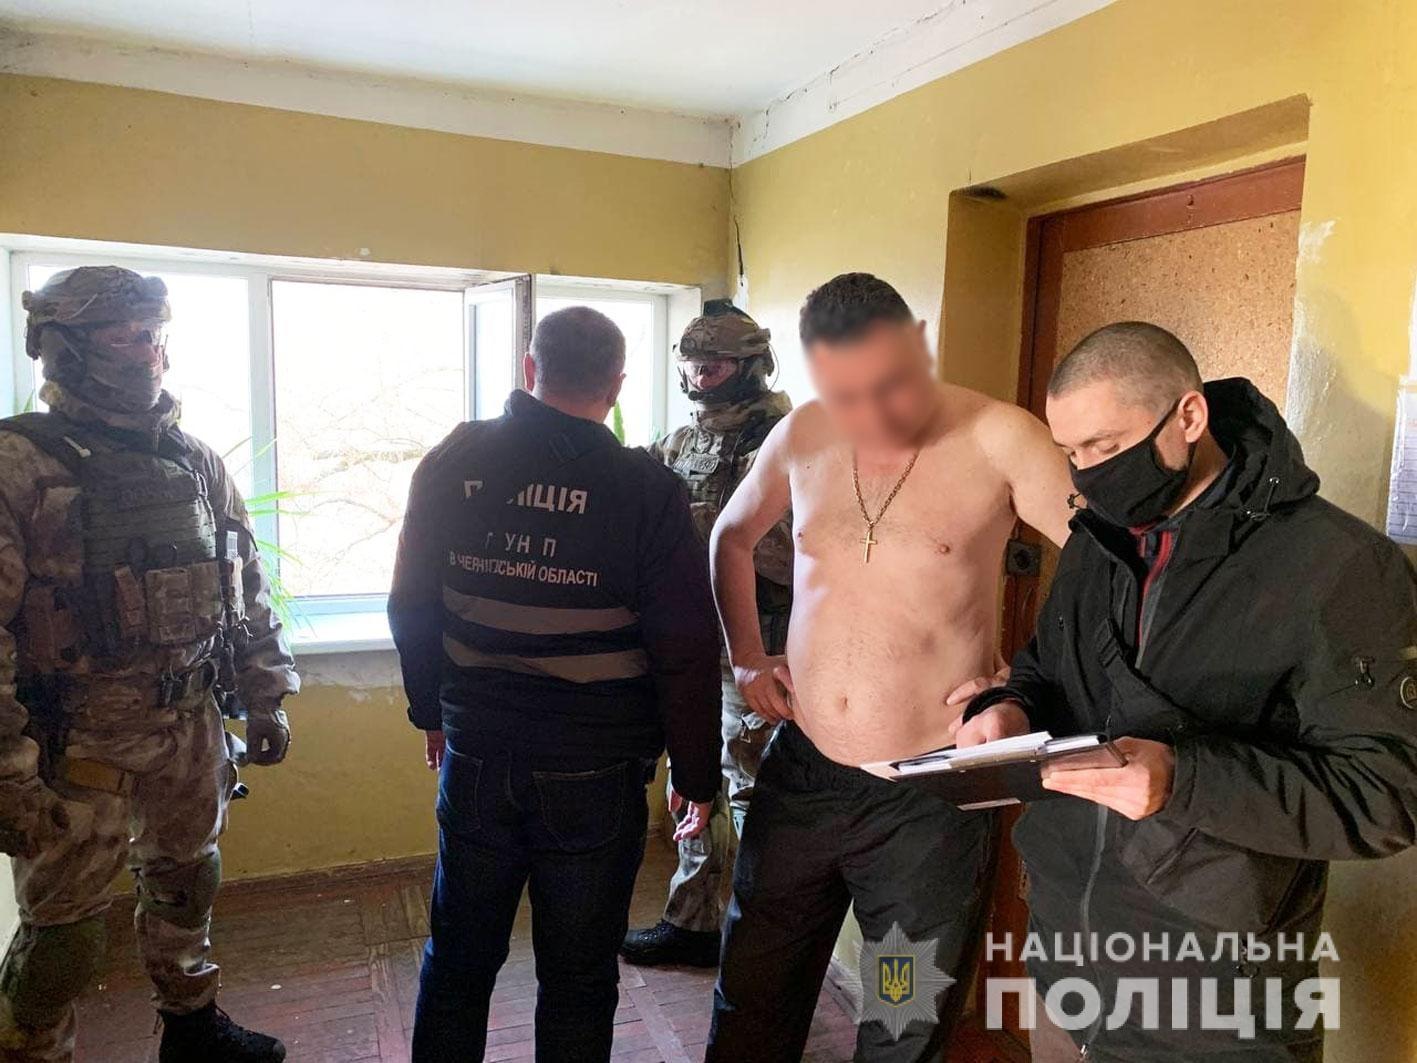 Правоохоронці Чернігівщини повідомили про підозру «авторитету» за спробу дати хабара поліцейському (Фото)